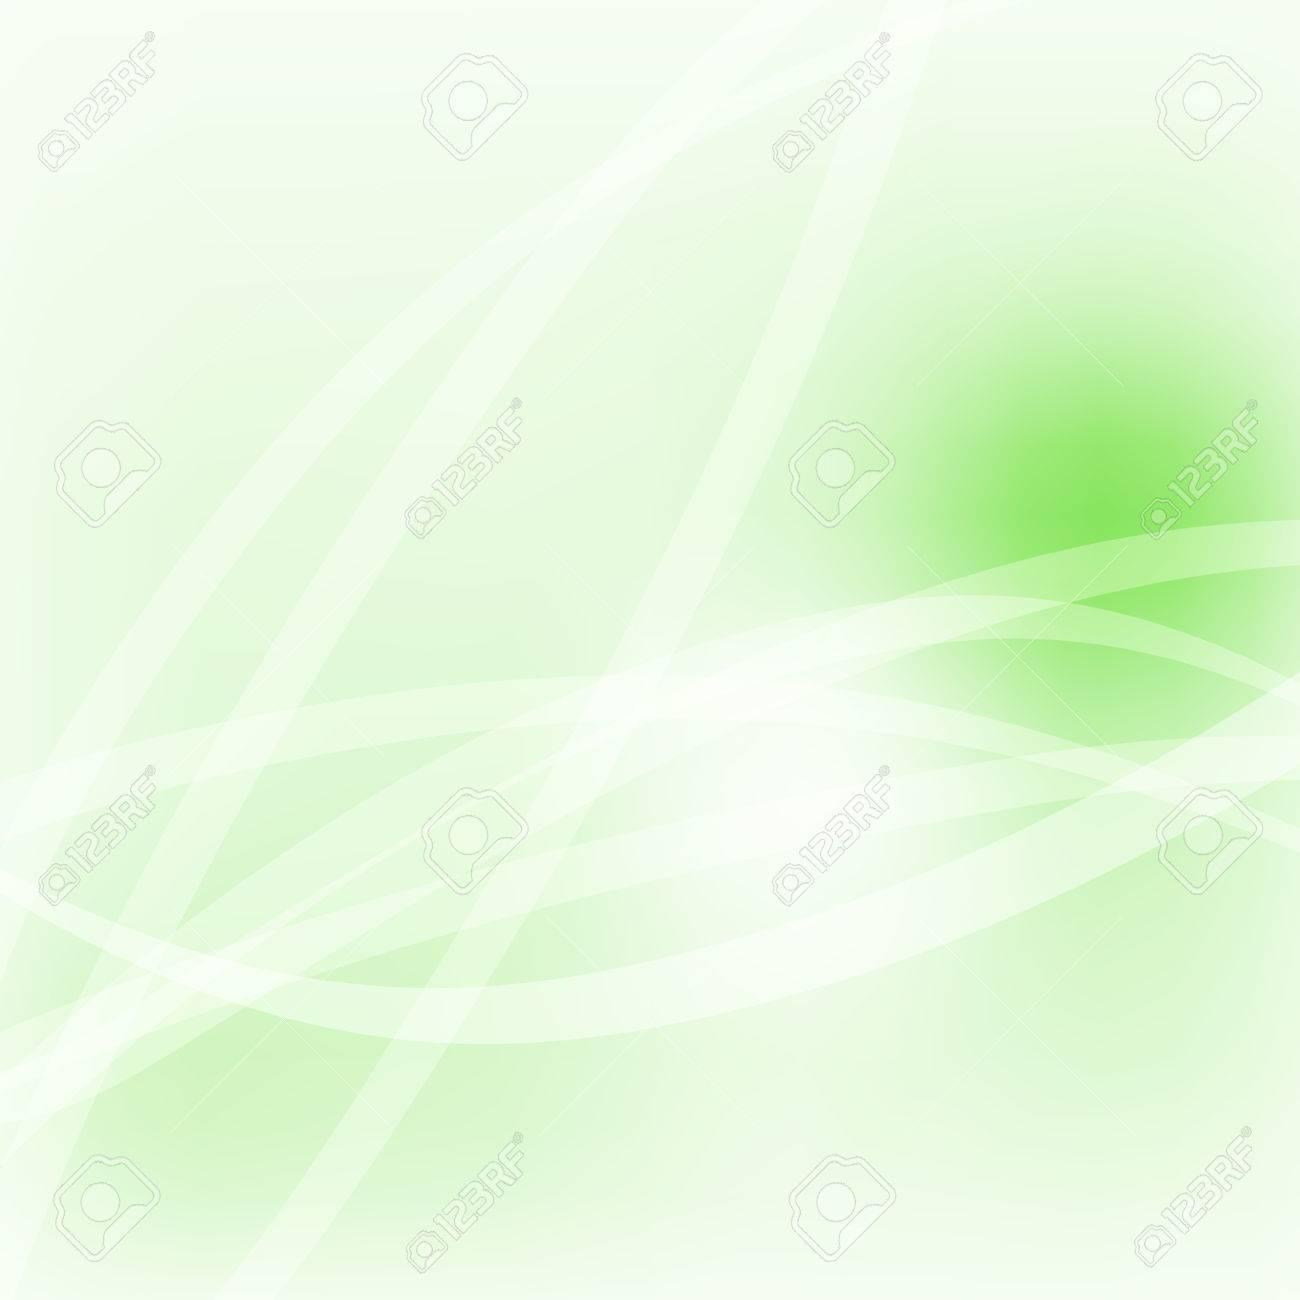 柔らかな光パステル ライン緑エコ空背景イラスト ロイヤリティフリー